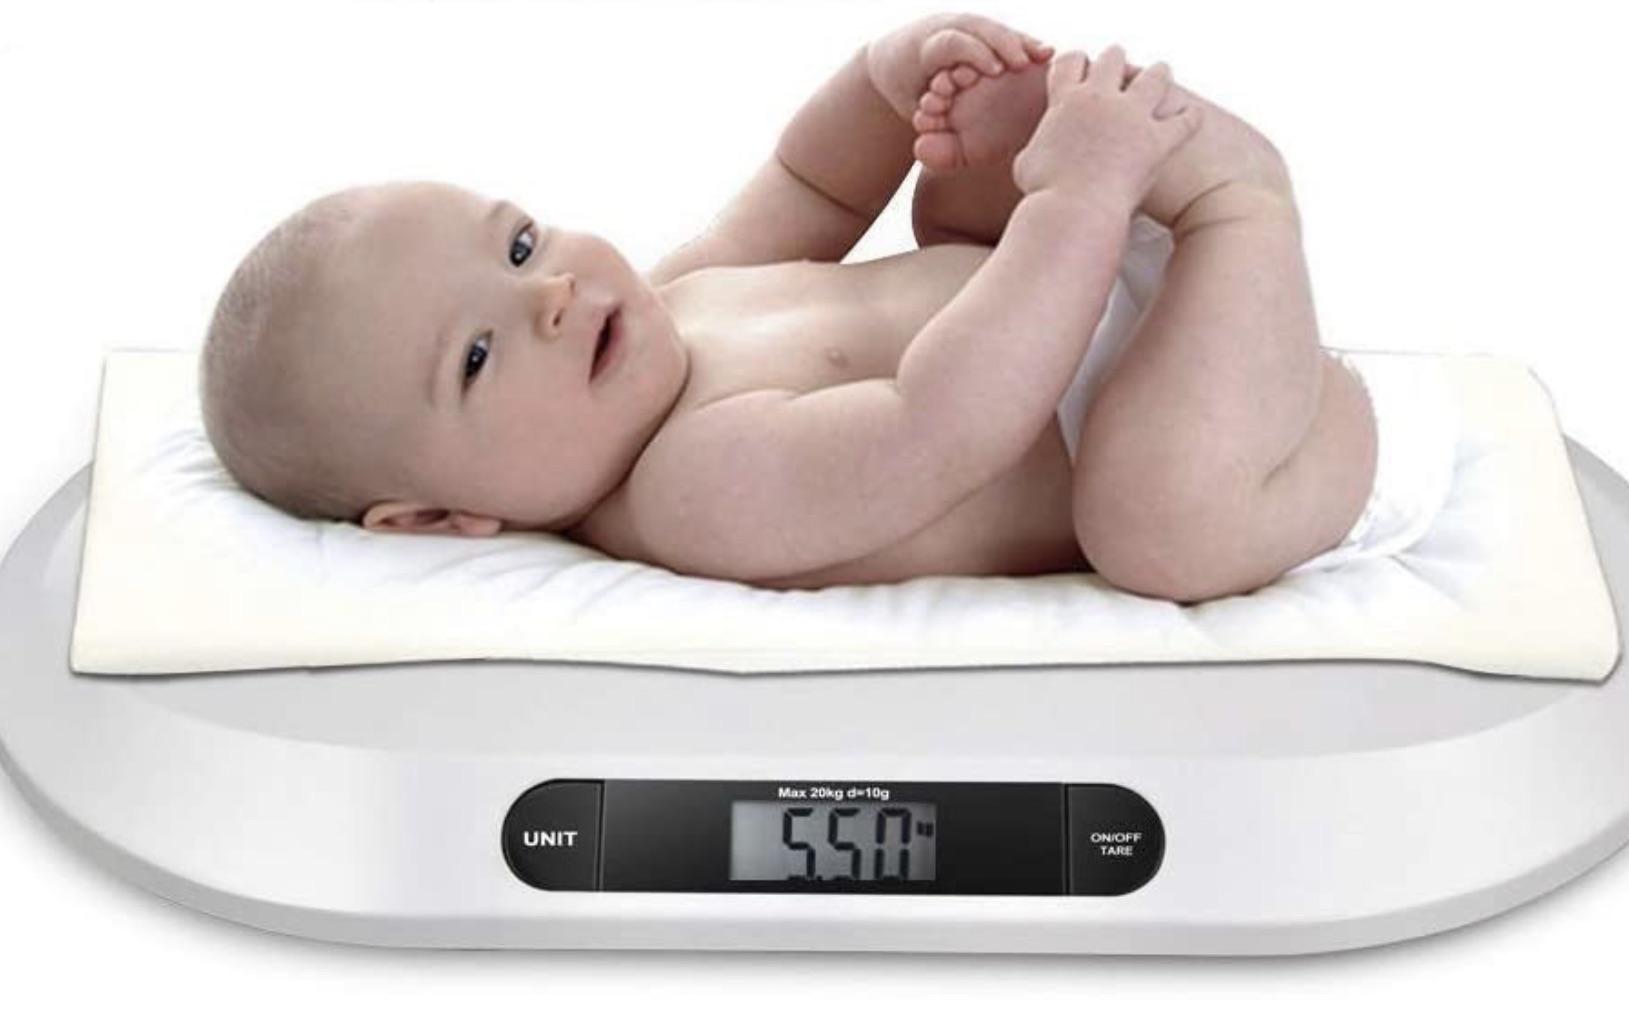 Des chercheurs australiens mettent au point un modèle pour prévenir l'obésité infantile